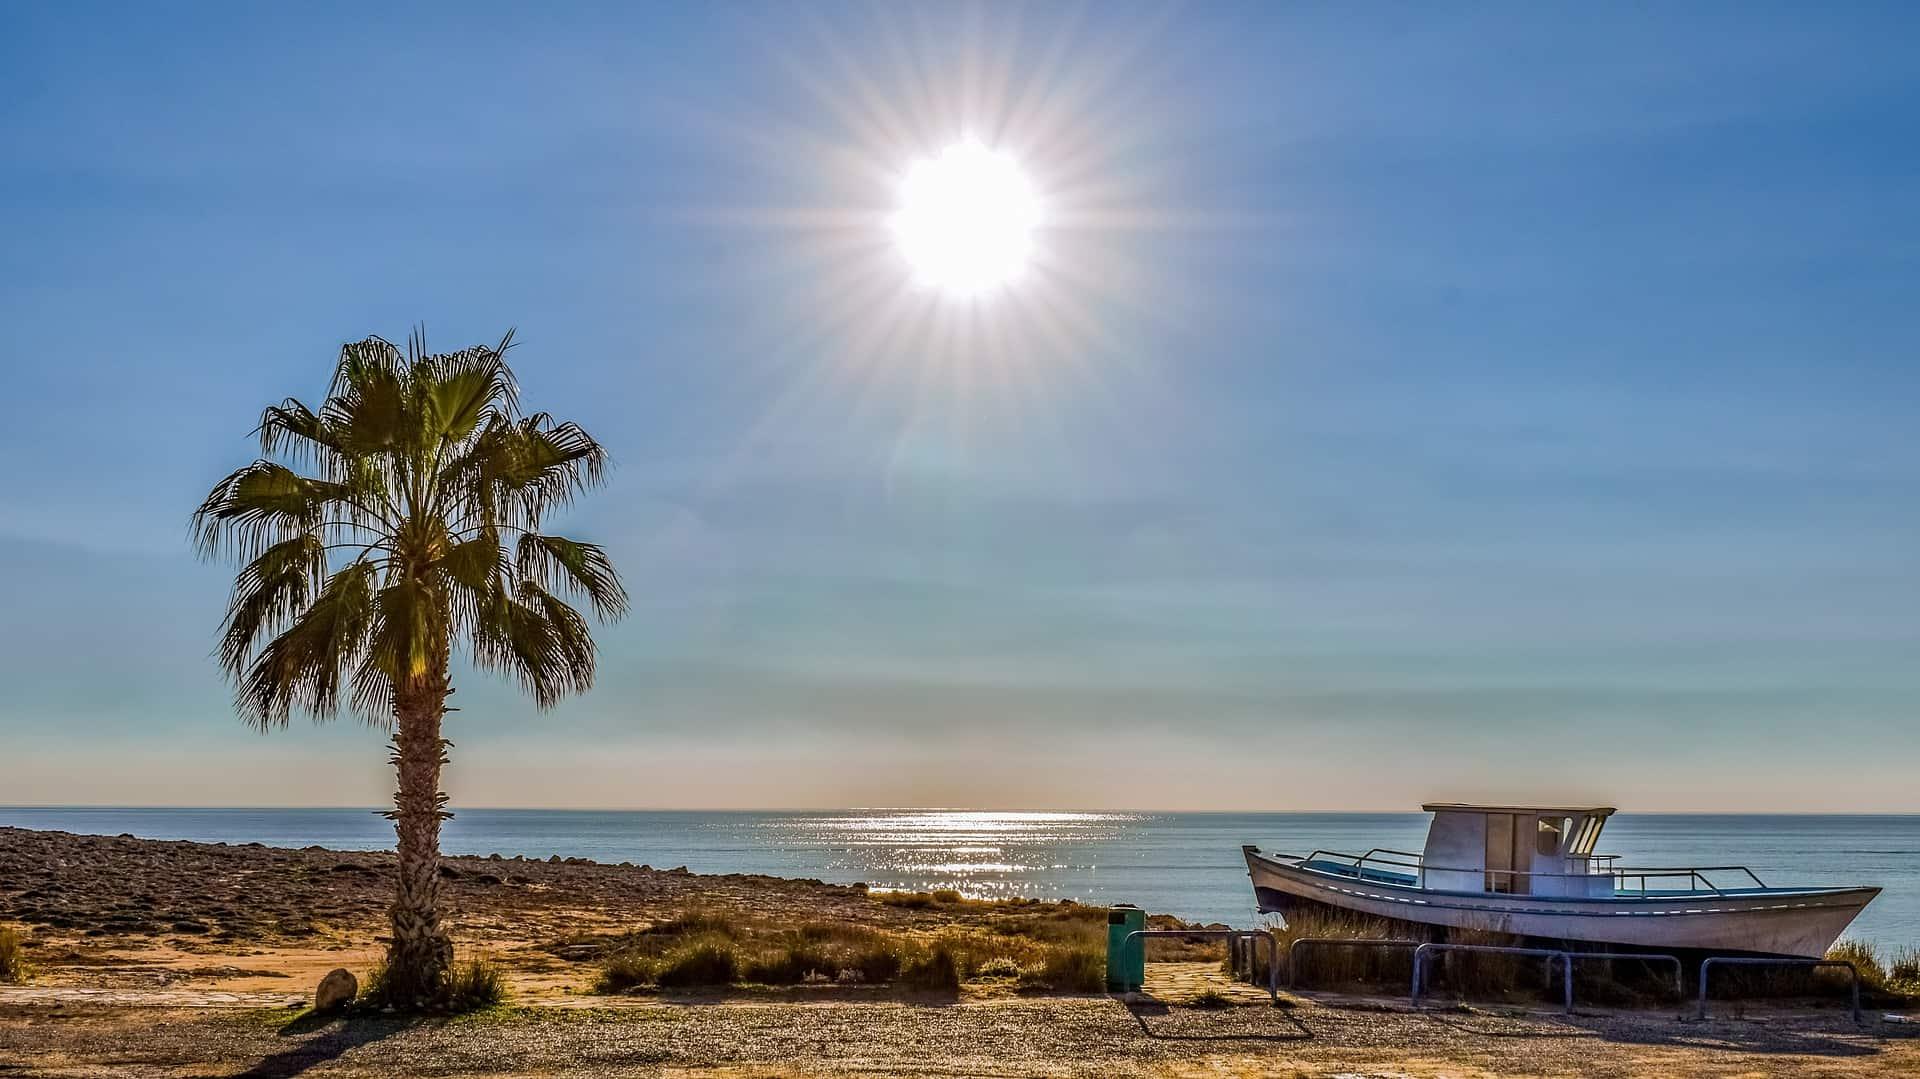 Urlaub Südzypern ab 196,35€ - Eine Woche Pauschalreisen